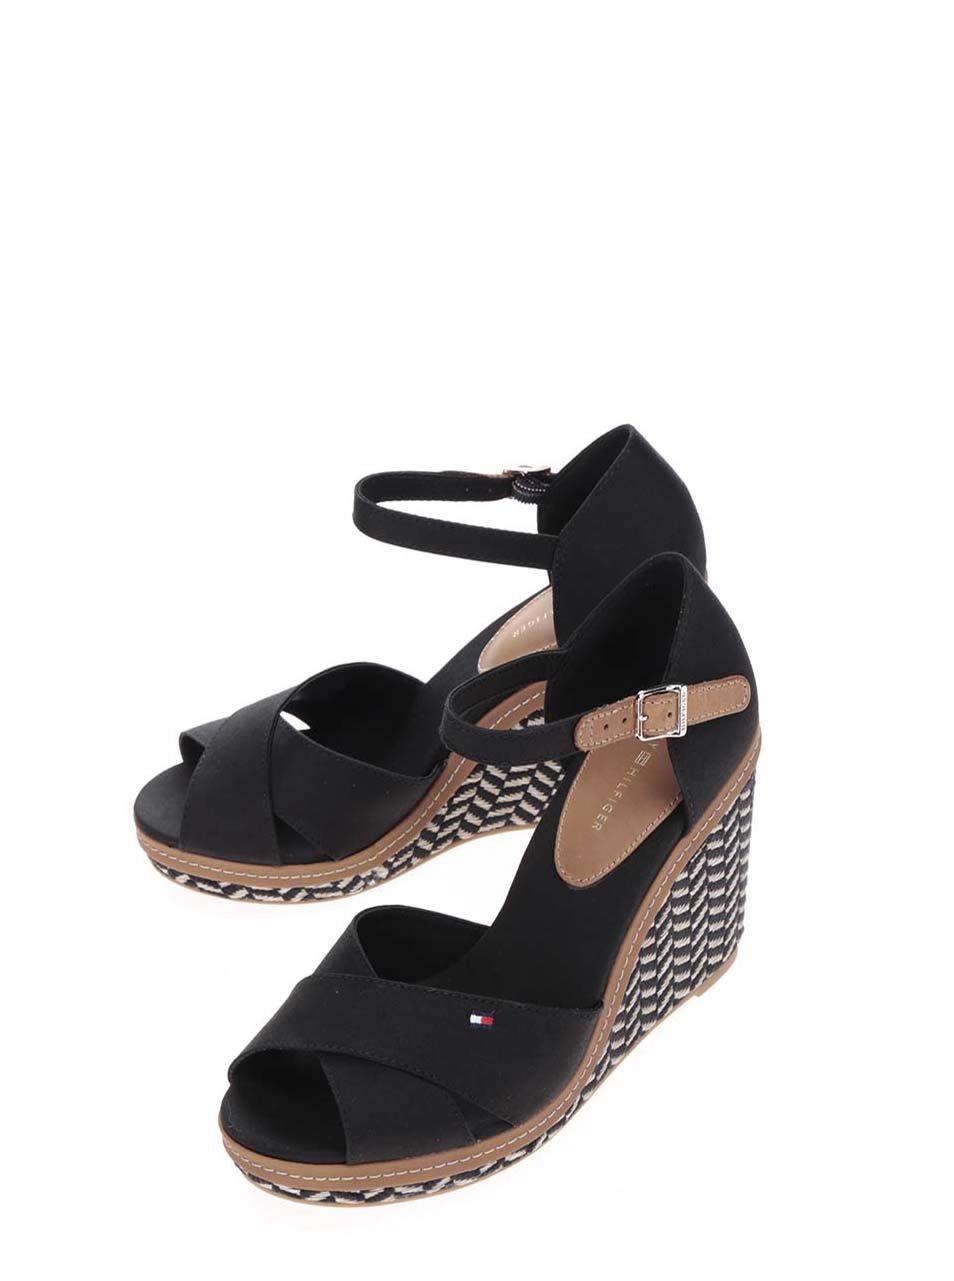 Černé dámské sandály na klínku Tommy Hilfiger ... 7c0b6febfb